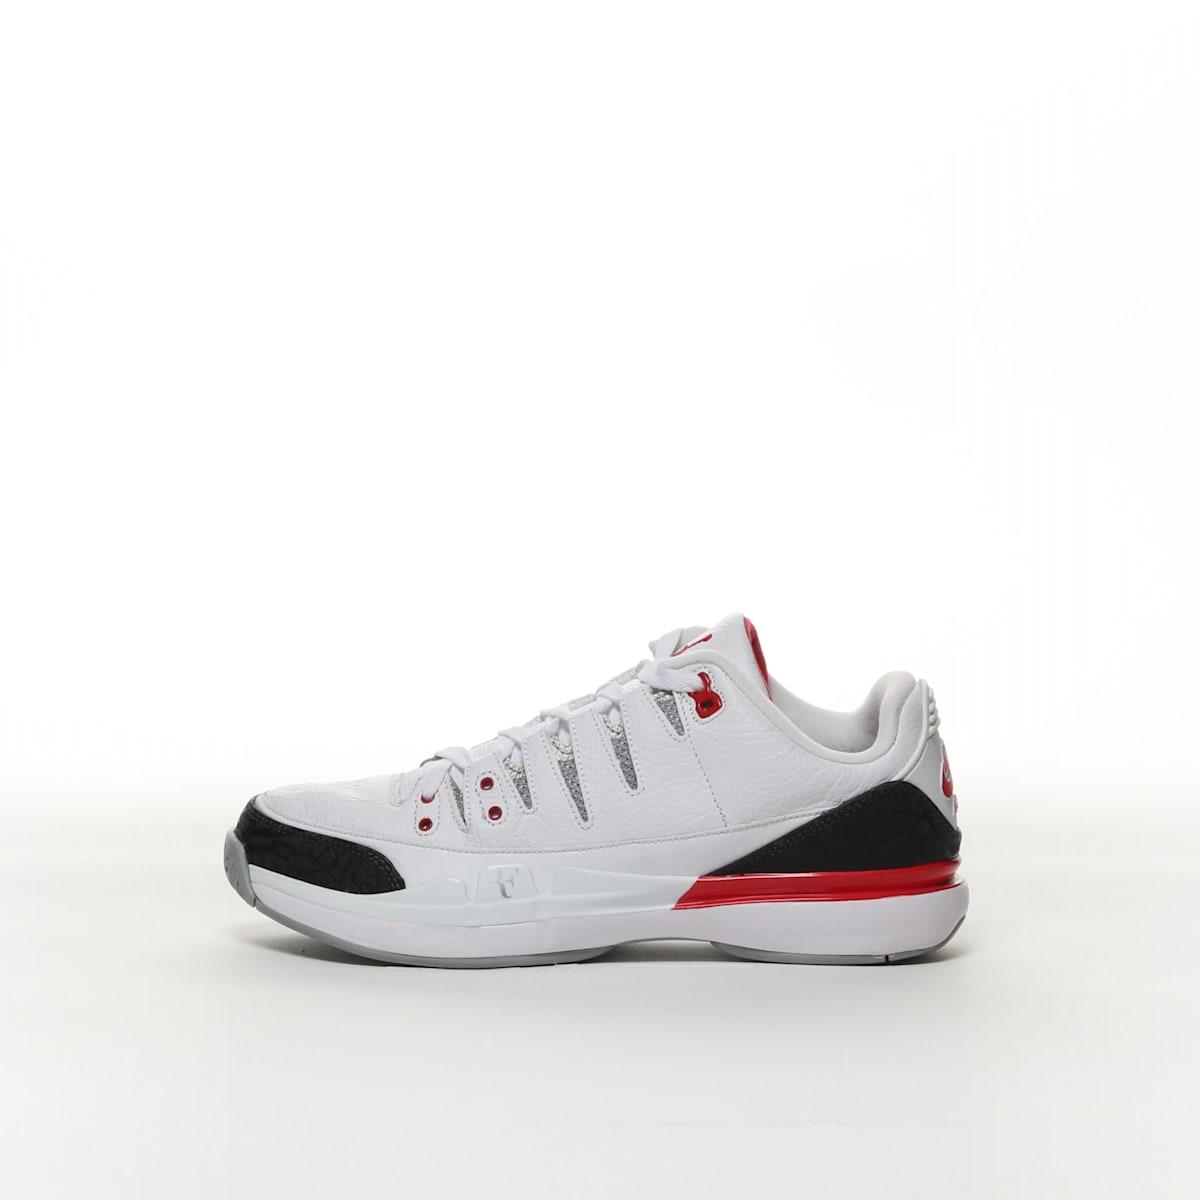 c0f17a0a872347 Nike Zoom Vapor AJ3 - WHITE SILVER BLACK FIRE RED – Resku